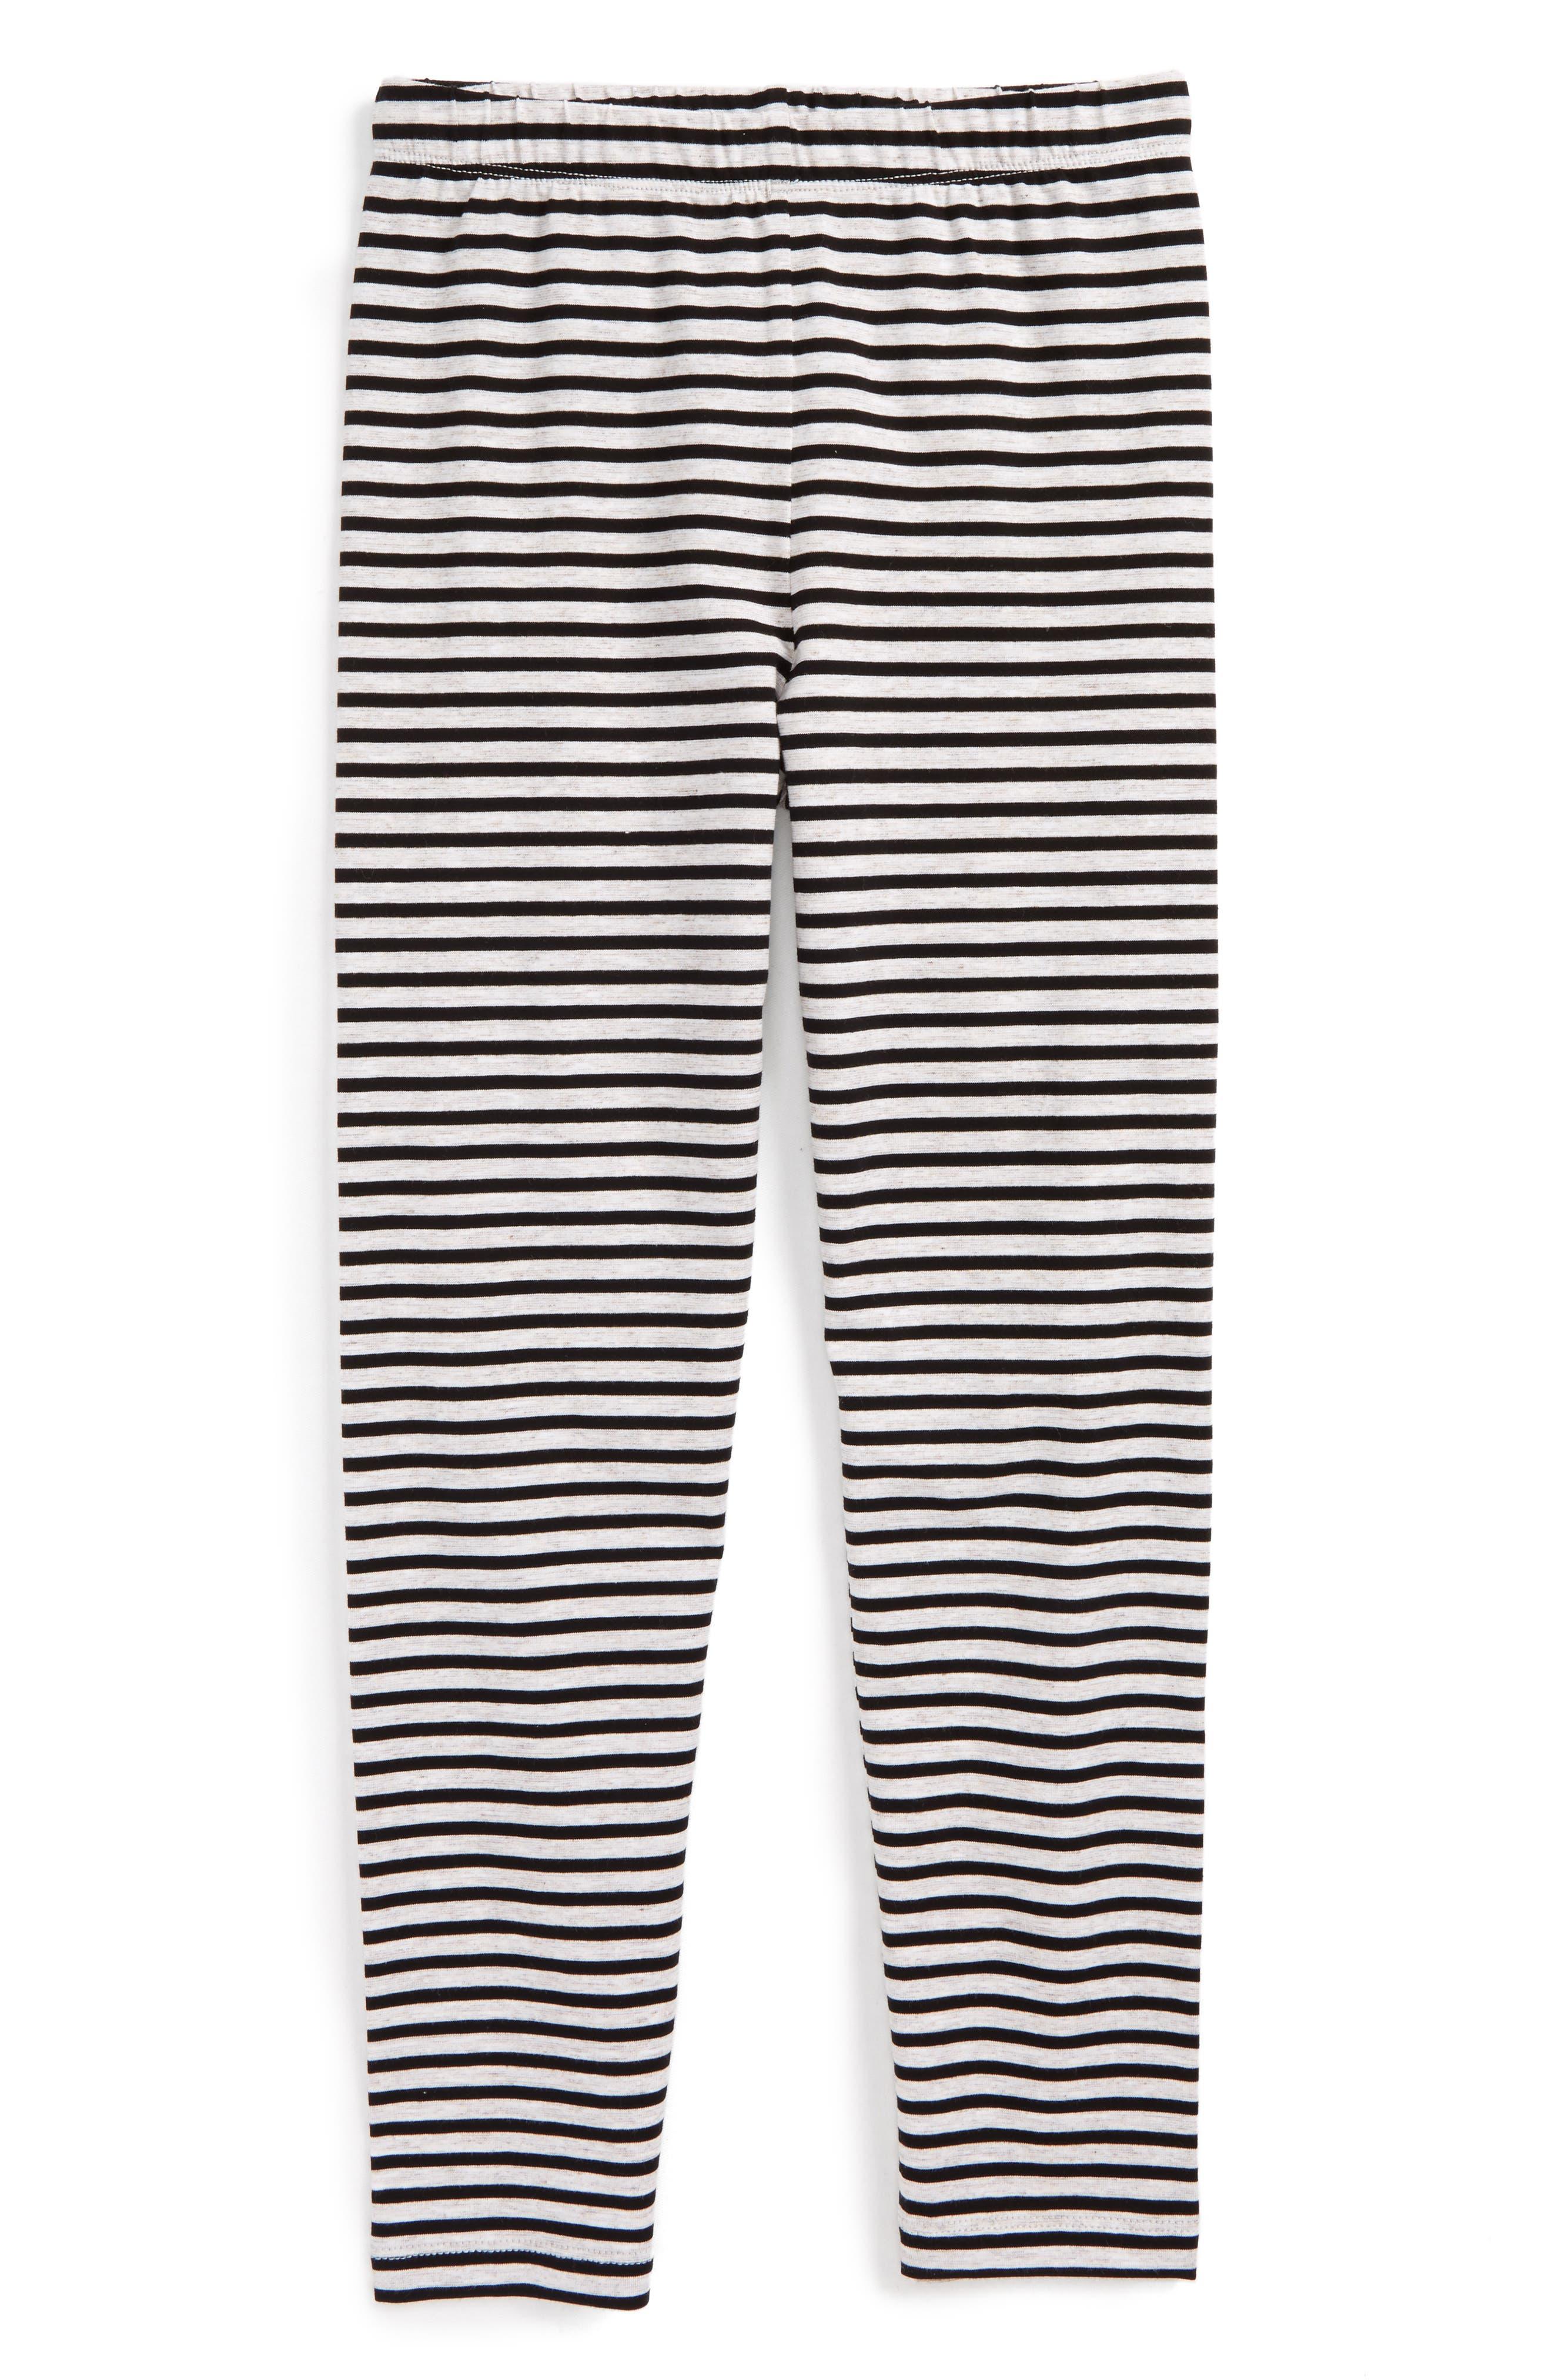 Alternate Image 1 Selected - Truly Me Stripe Leggings (Toddler Girls & Little Girls)